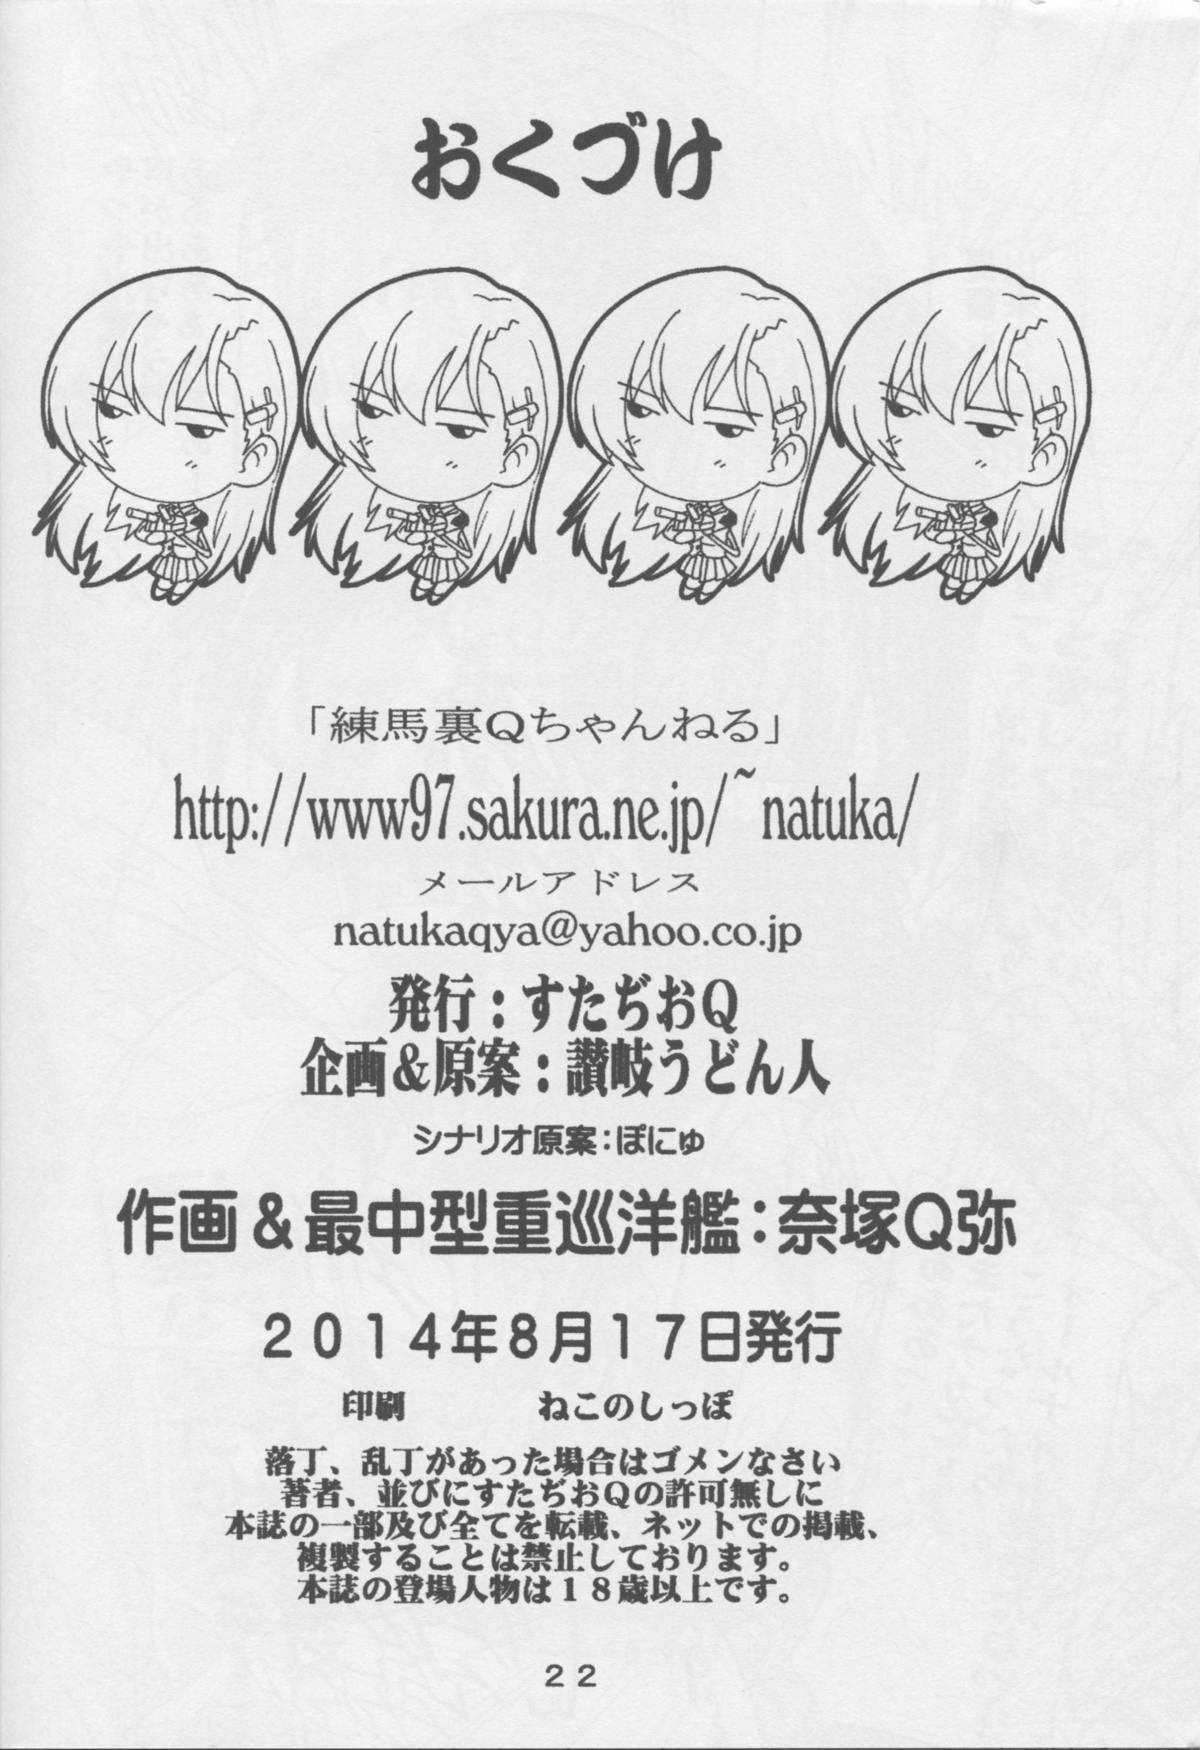 (C86) [Studio Q (Natsuka Q-Ya, Sanuki Udon Jin)] I-SUZU-YA (Kantai Collection -KanColle-) 20